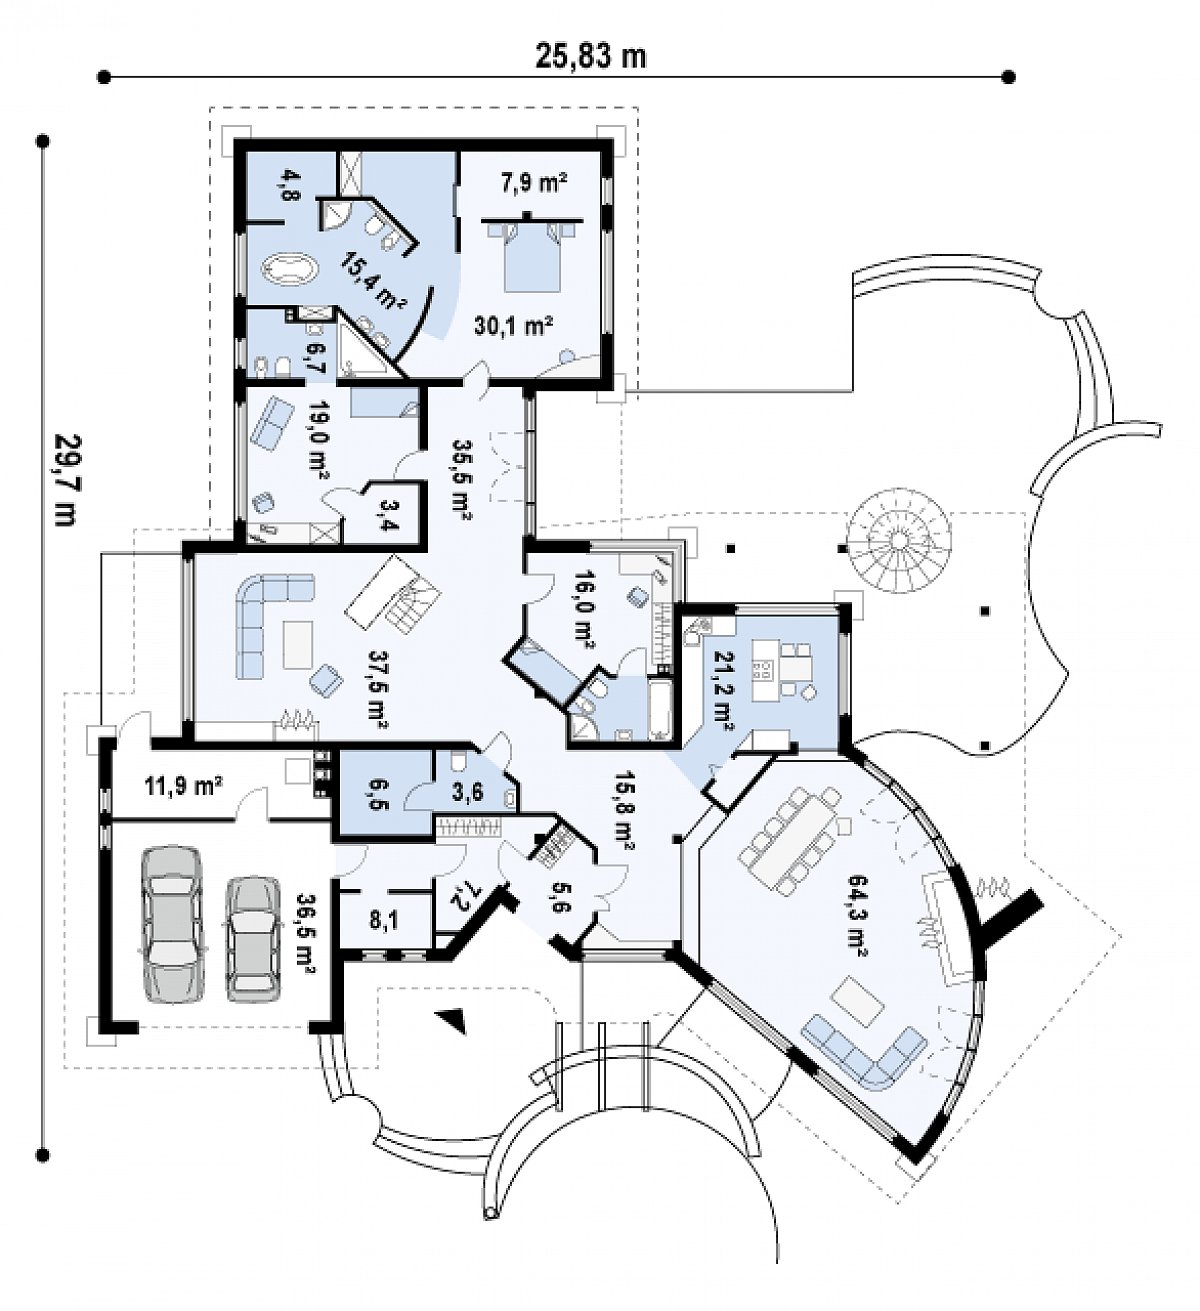 Первый этаж 308,8(356,6м²) дома Zr1